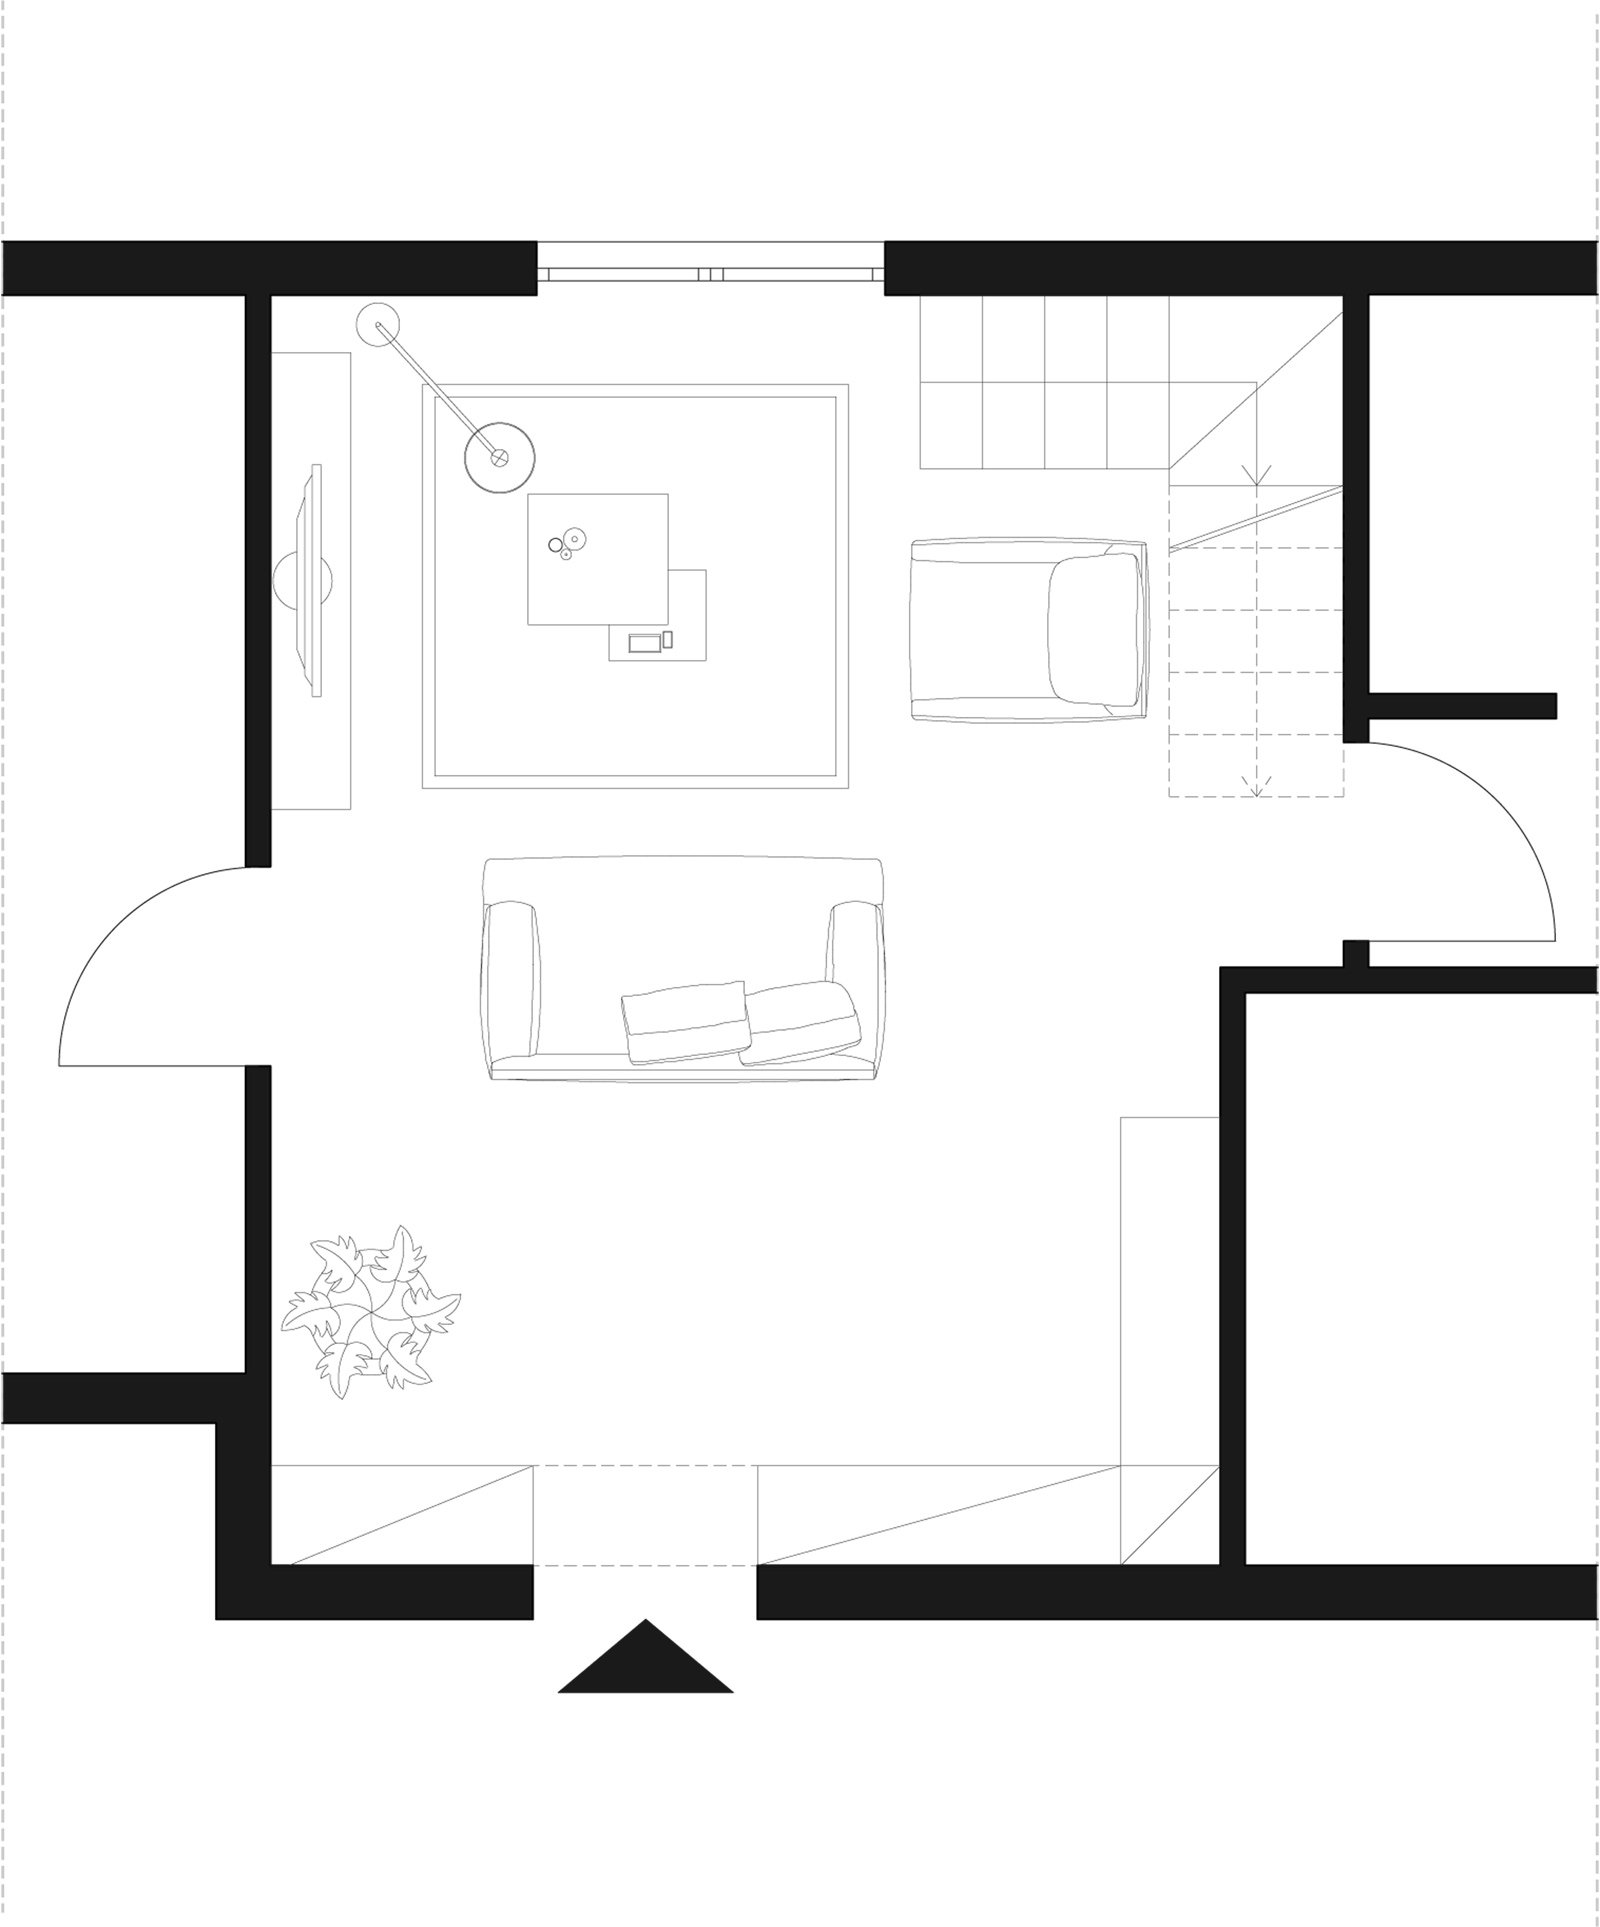 Arredare un soggiorno con tante aperture sulle pareti cose di casa - Finestre in pianta ...